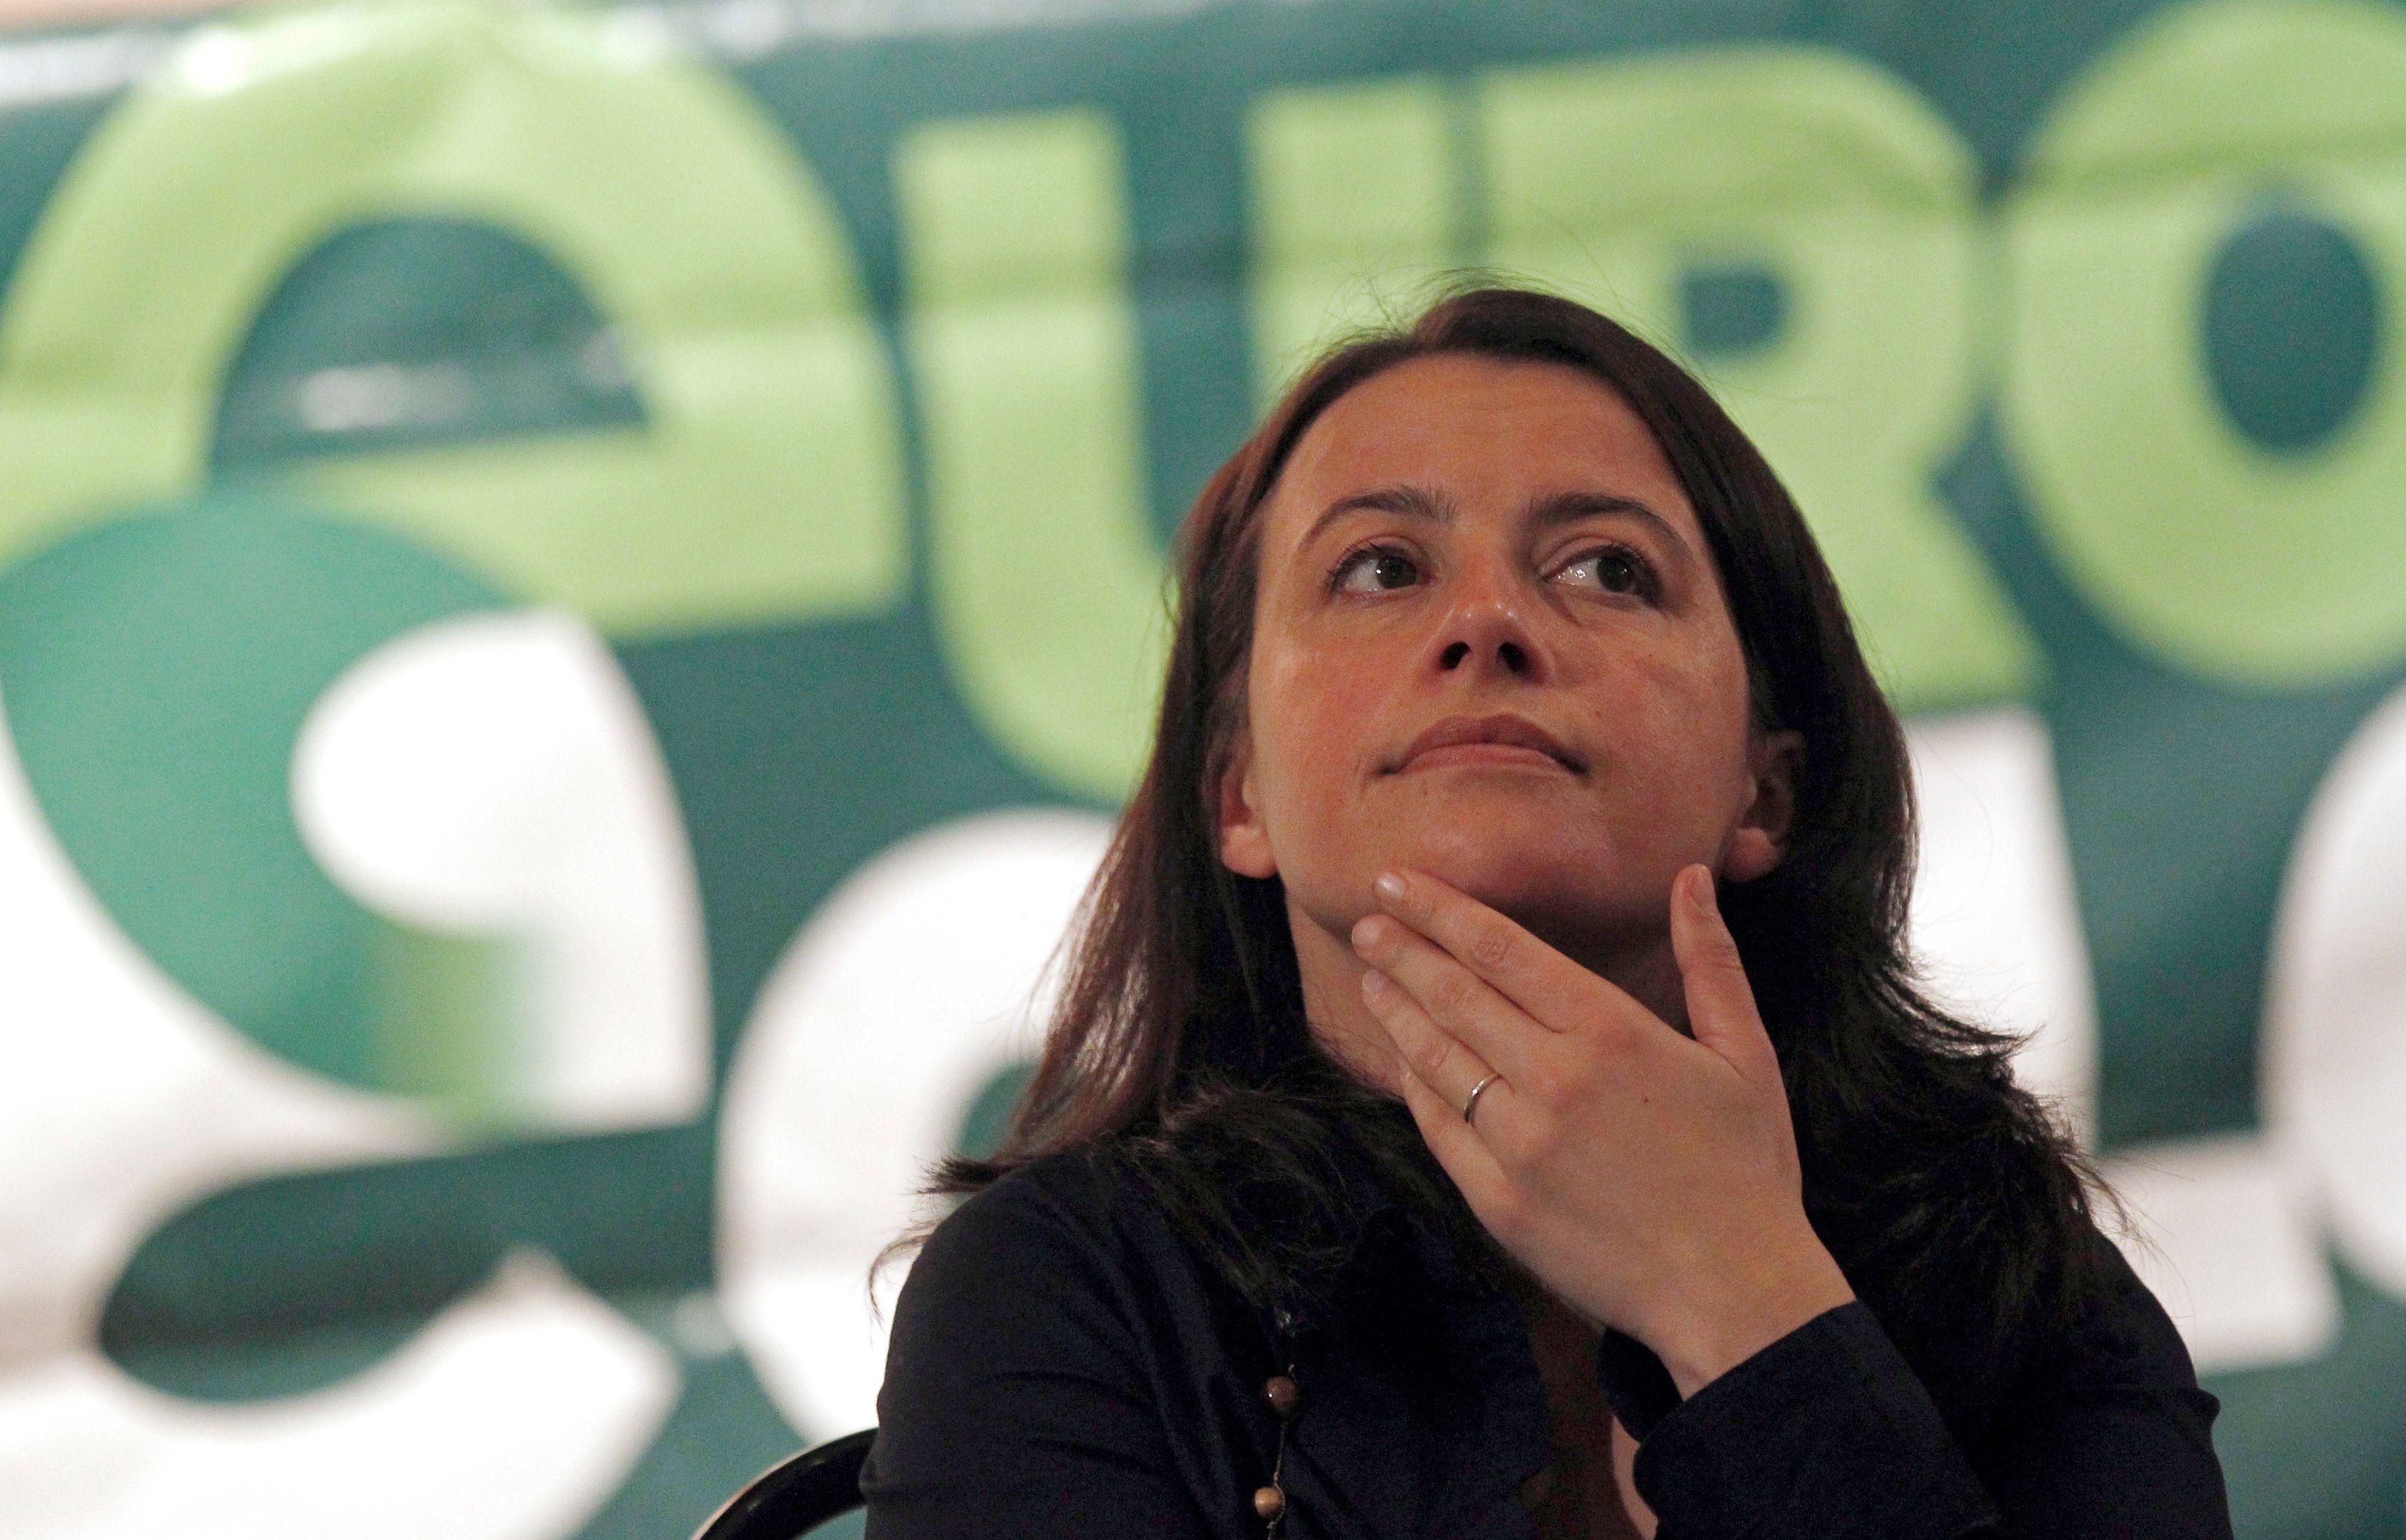 Le parti de Cécile Duflot, Europe Écologie Les Verts, connaît des difficultés.